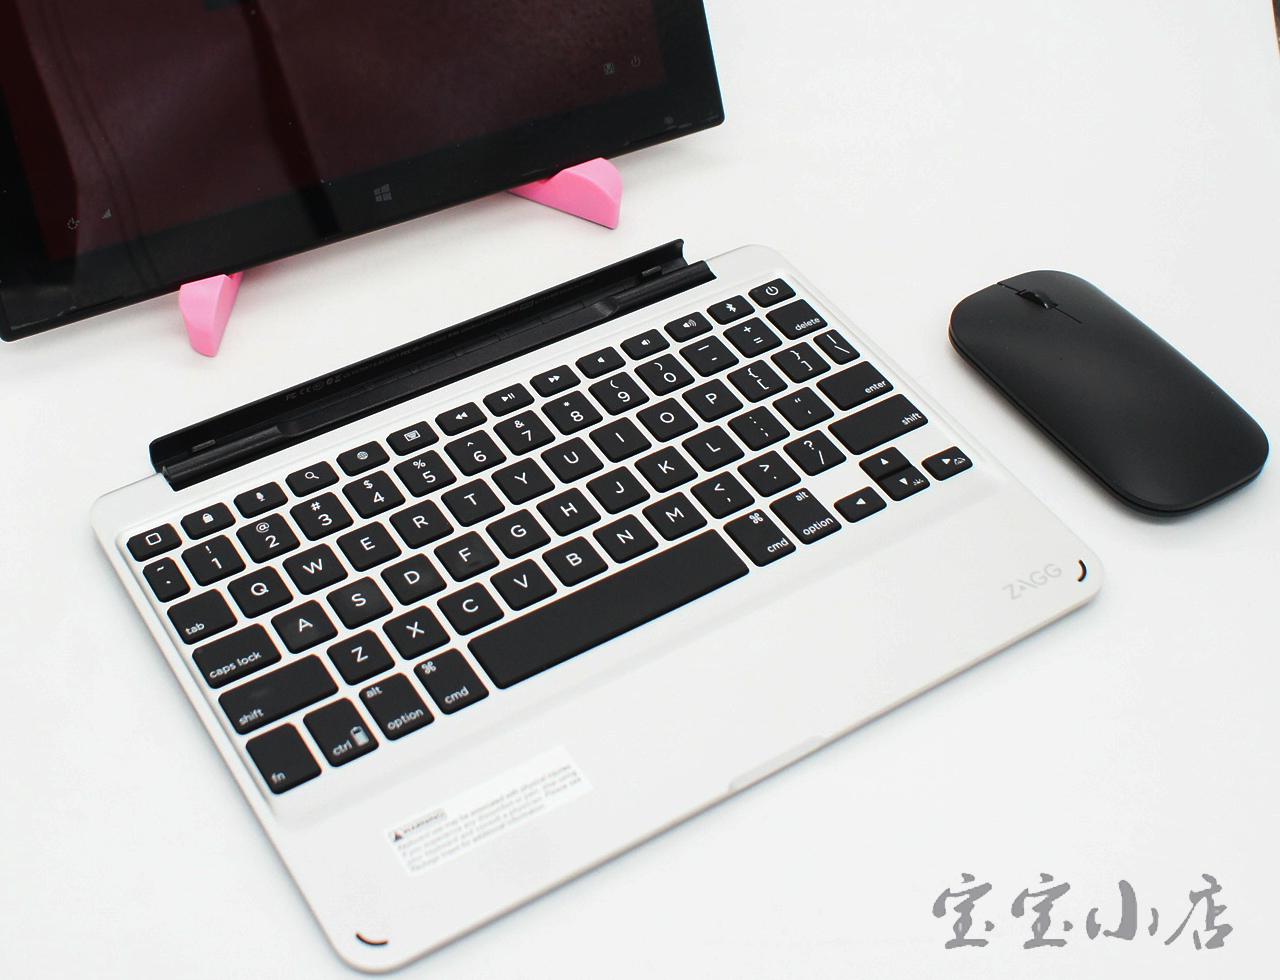 新到货120片ZAGG Slimbook 巧克力便携小轻薄静音背光无线蓝牙键盘平板办公家用女生苹果 QTG-ZKCS